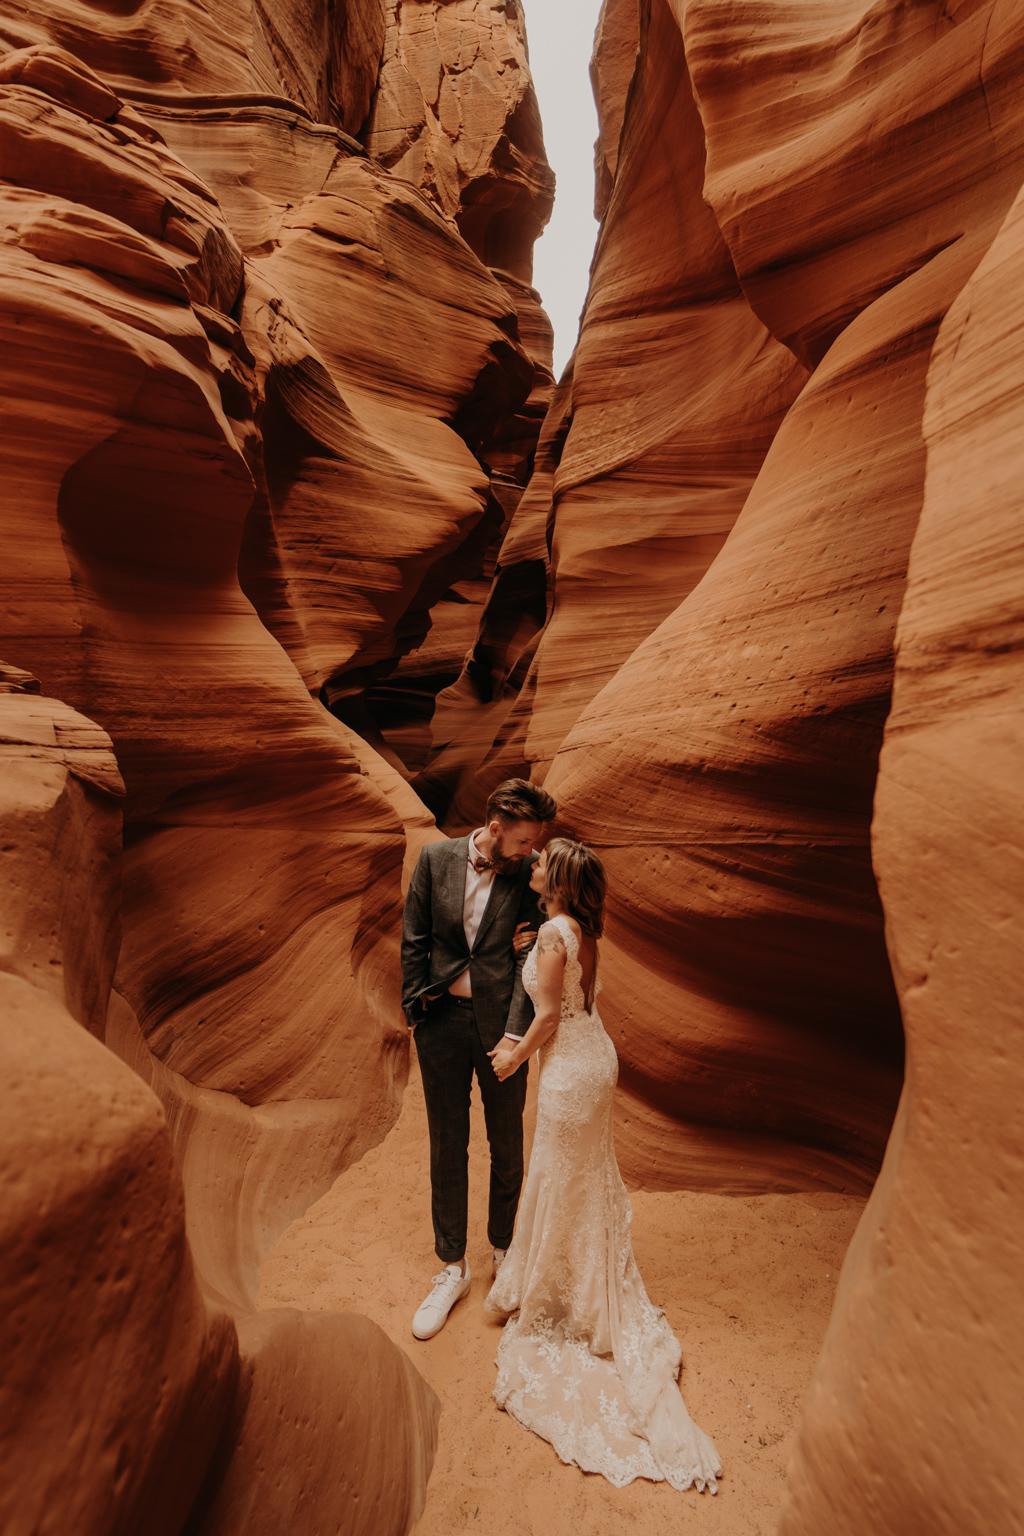 trouweninhetbuitenland_huwelijksfotografie_roxannedankers-42.jpg